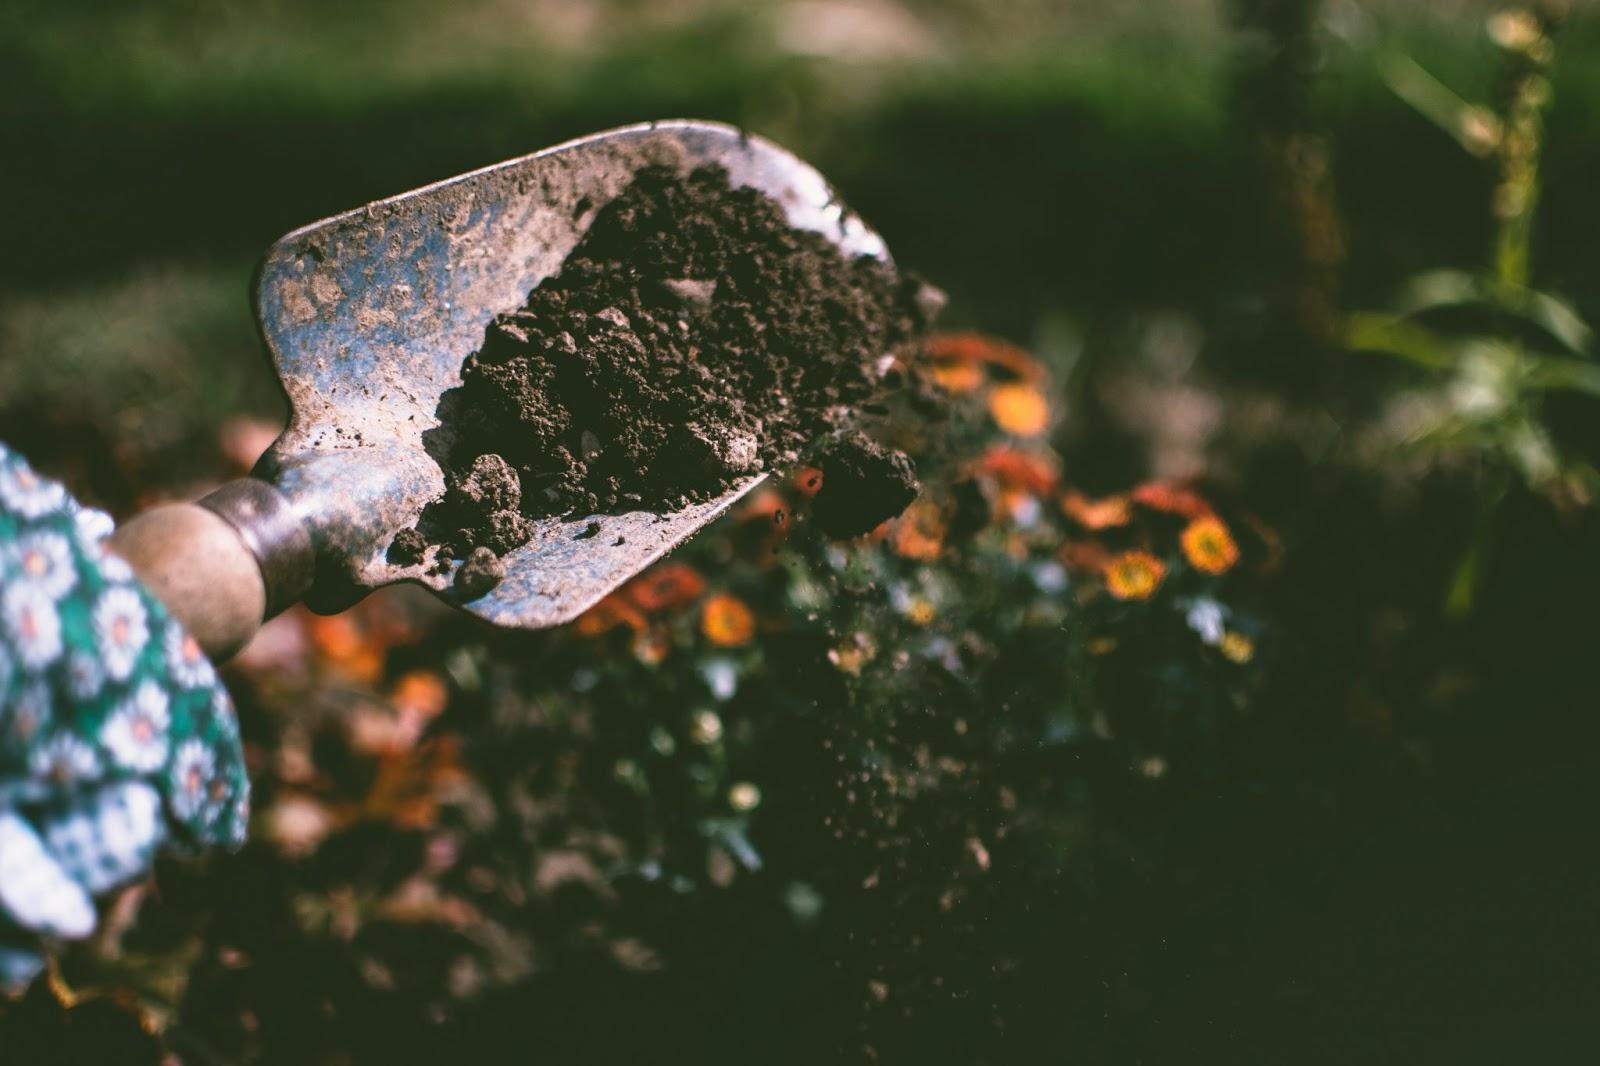 shovel placing soil on field